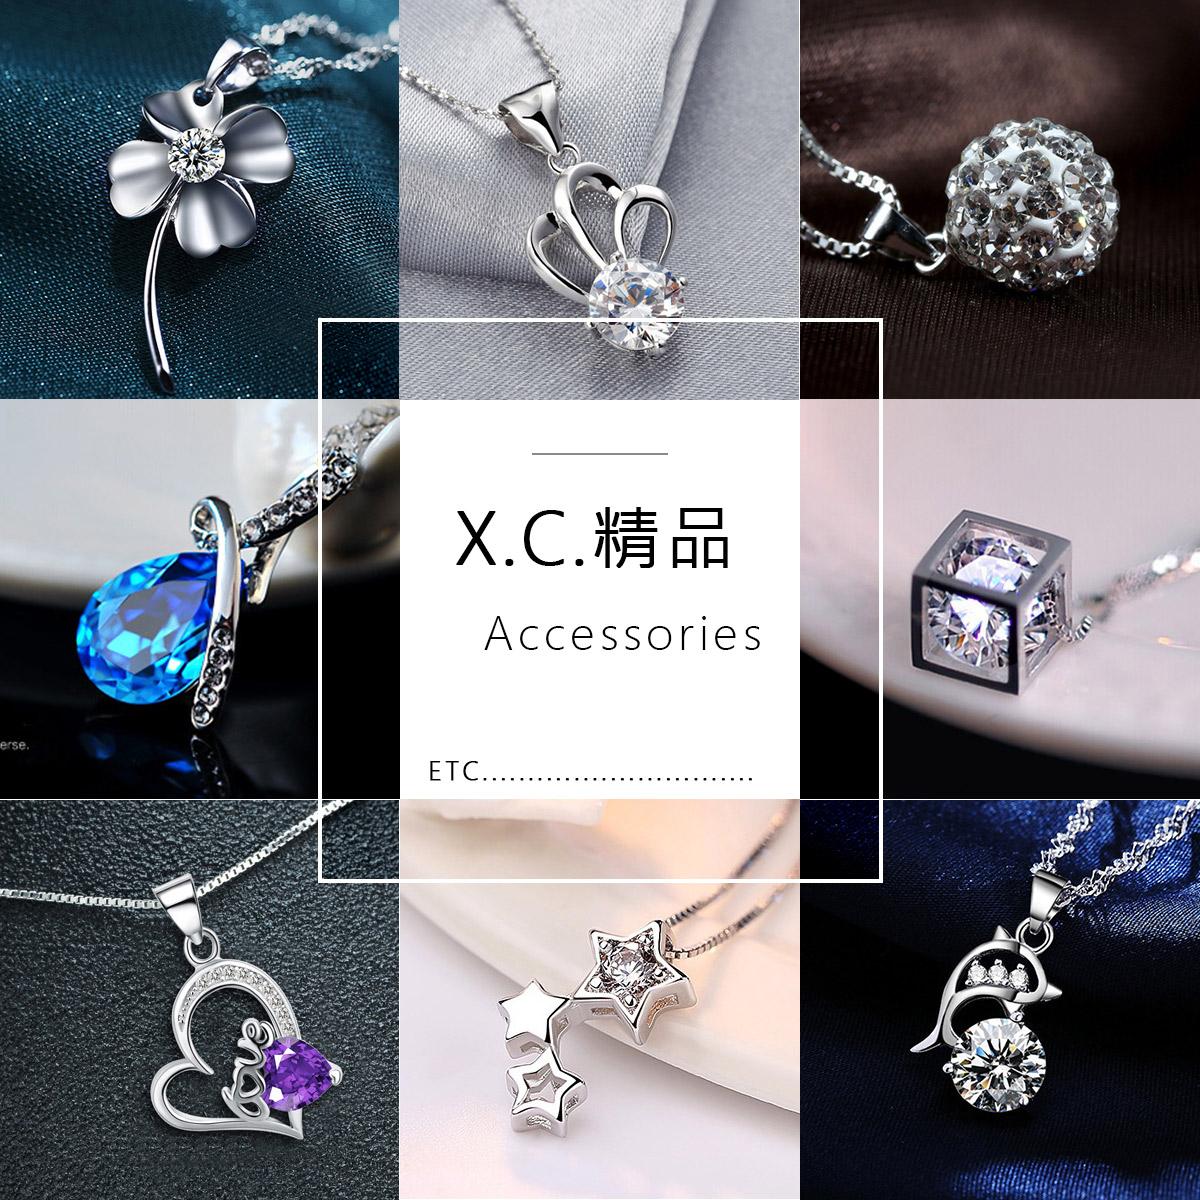 多款可选四叶草项链女锁骨链学生日韩国简约吊坠银首饰品生日礼物